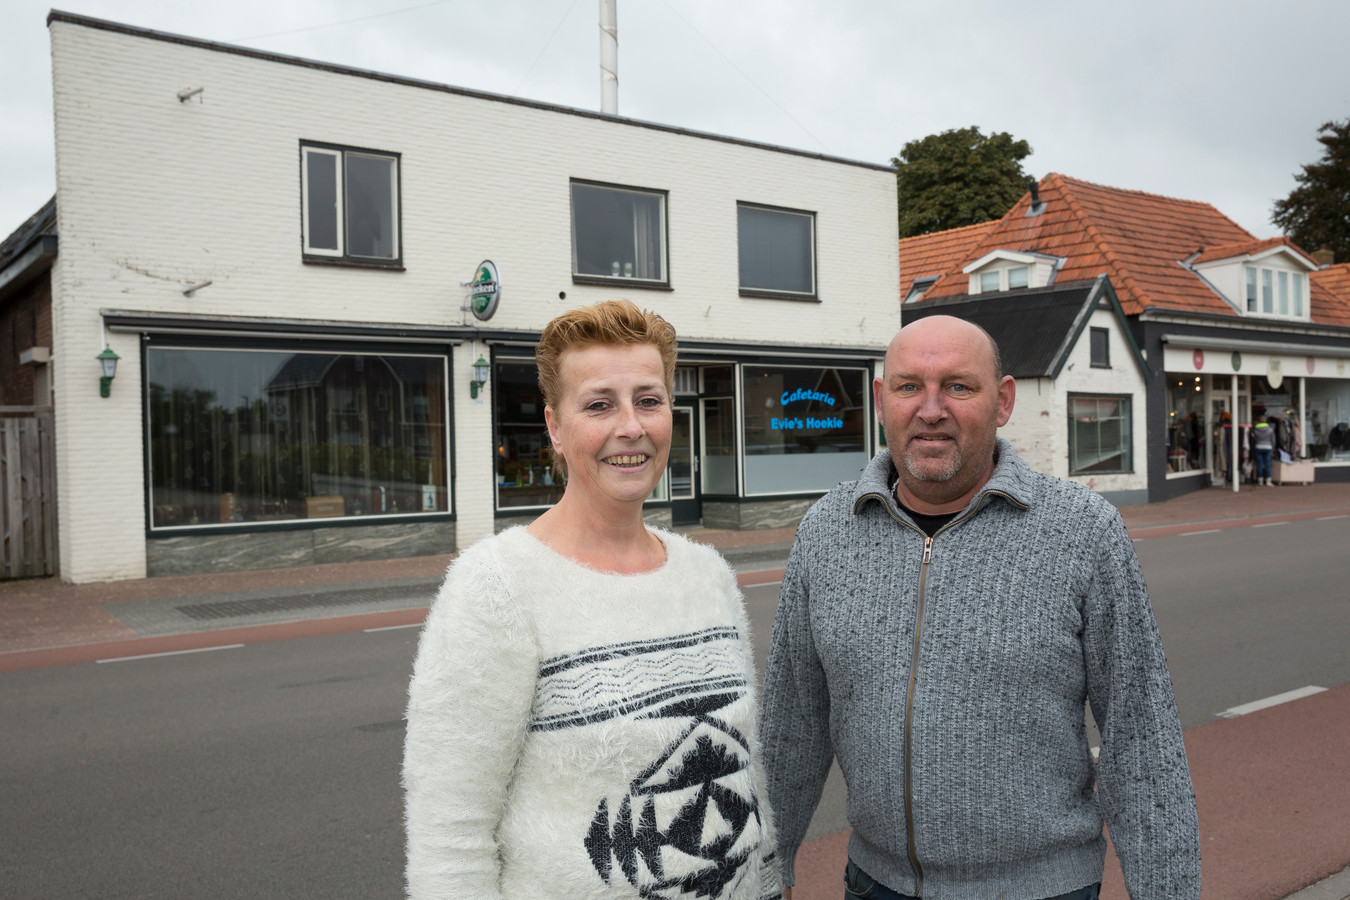 Everlina en Willem Uit de Fles in oktober 2016, toen ze vol goede moed begonnen met Evie's Hoekie in Oldebroek.